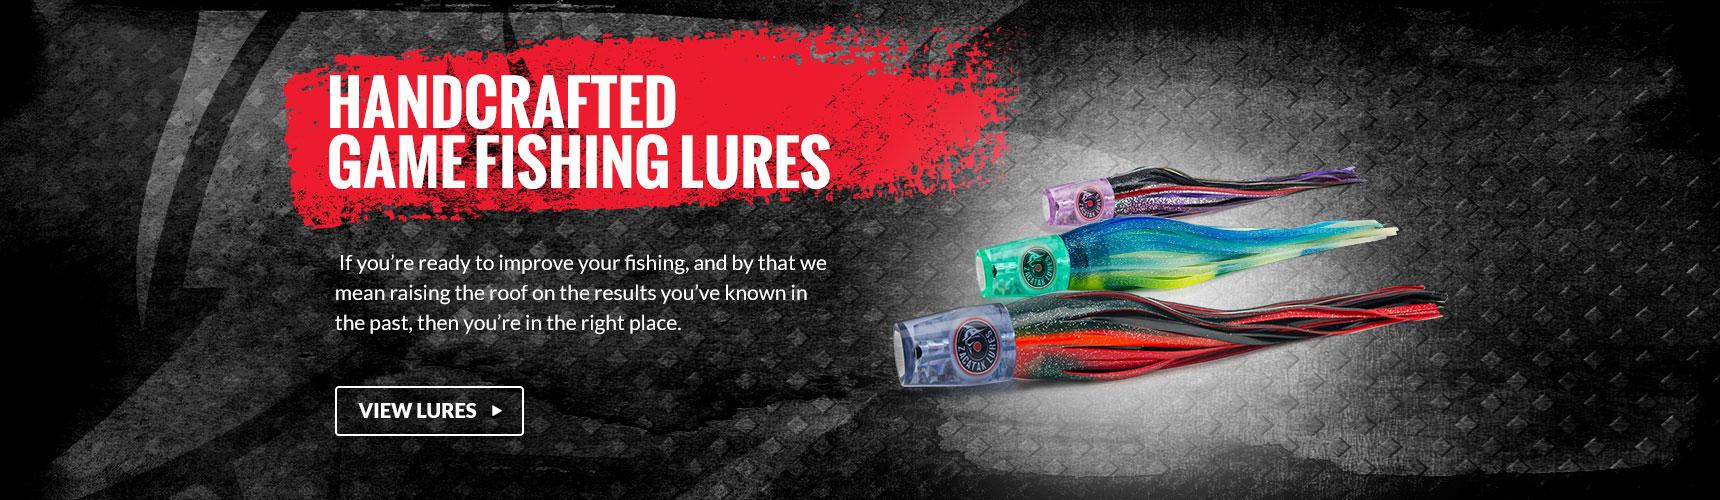 Game Fishing Lures